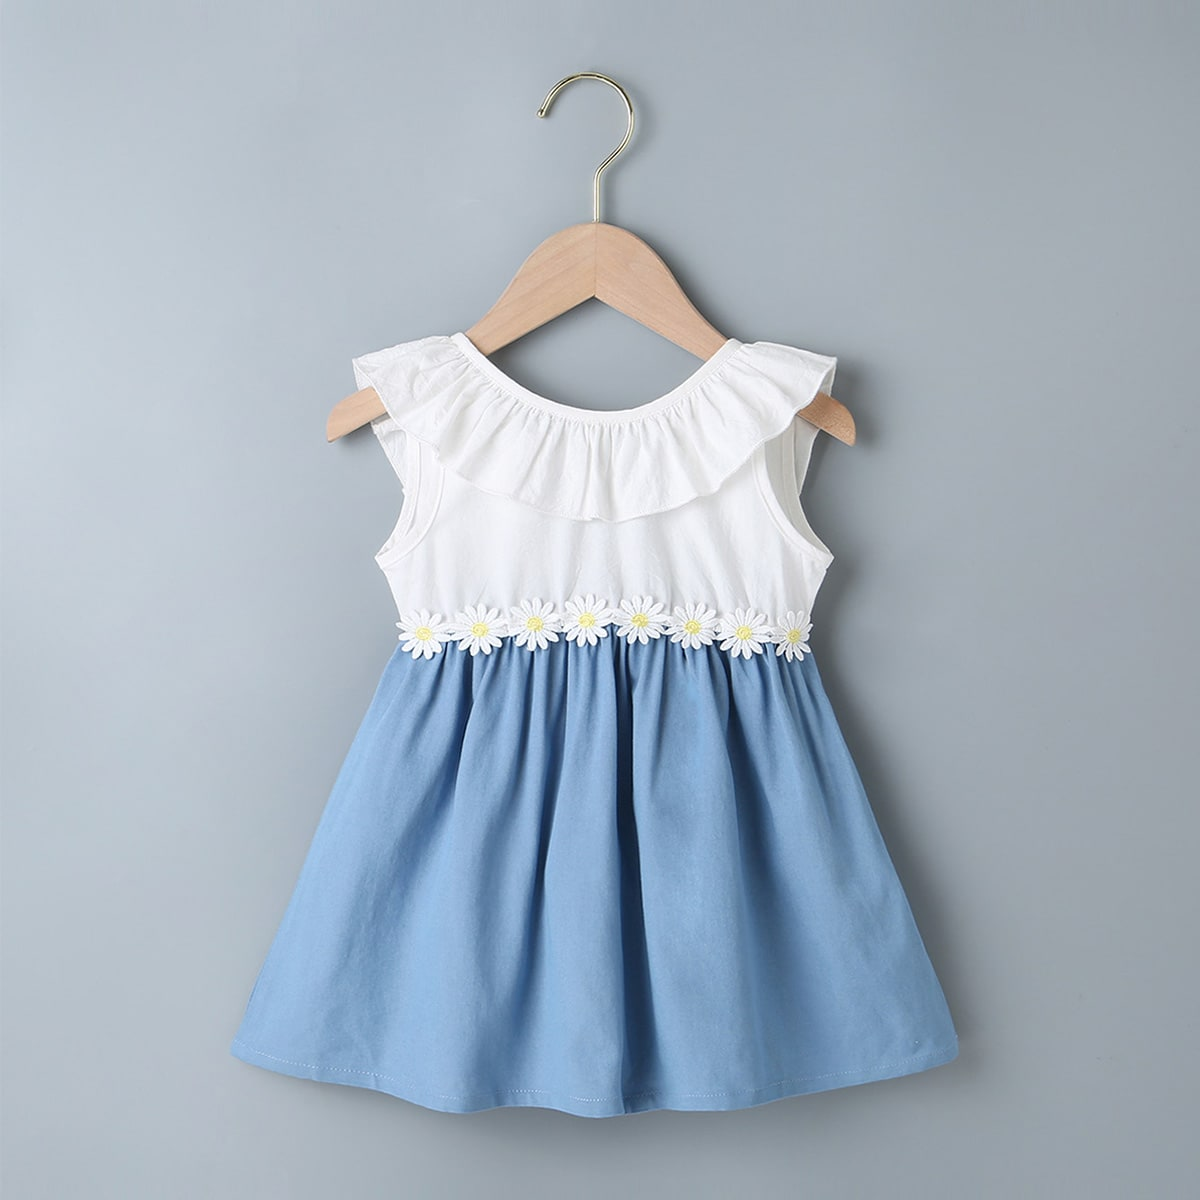 Синий и Белый с аппликацией Цветочный принт Повседневный Платья для малышей от SHEIN